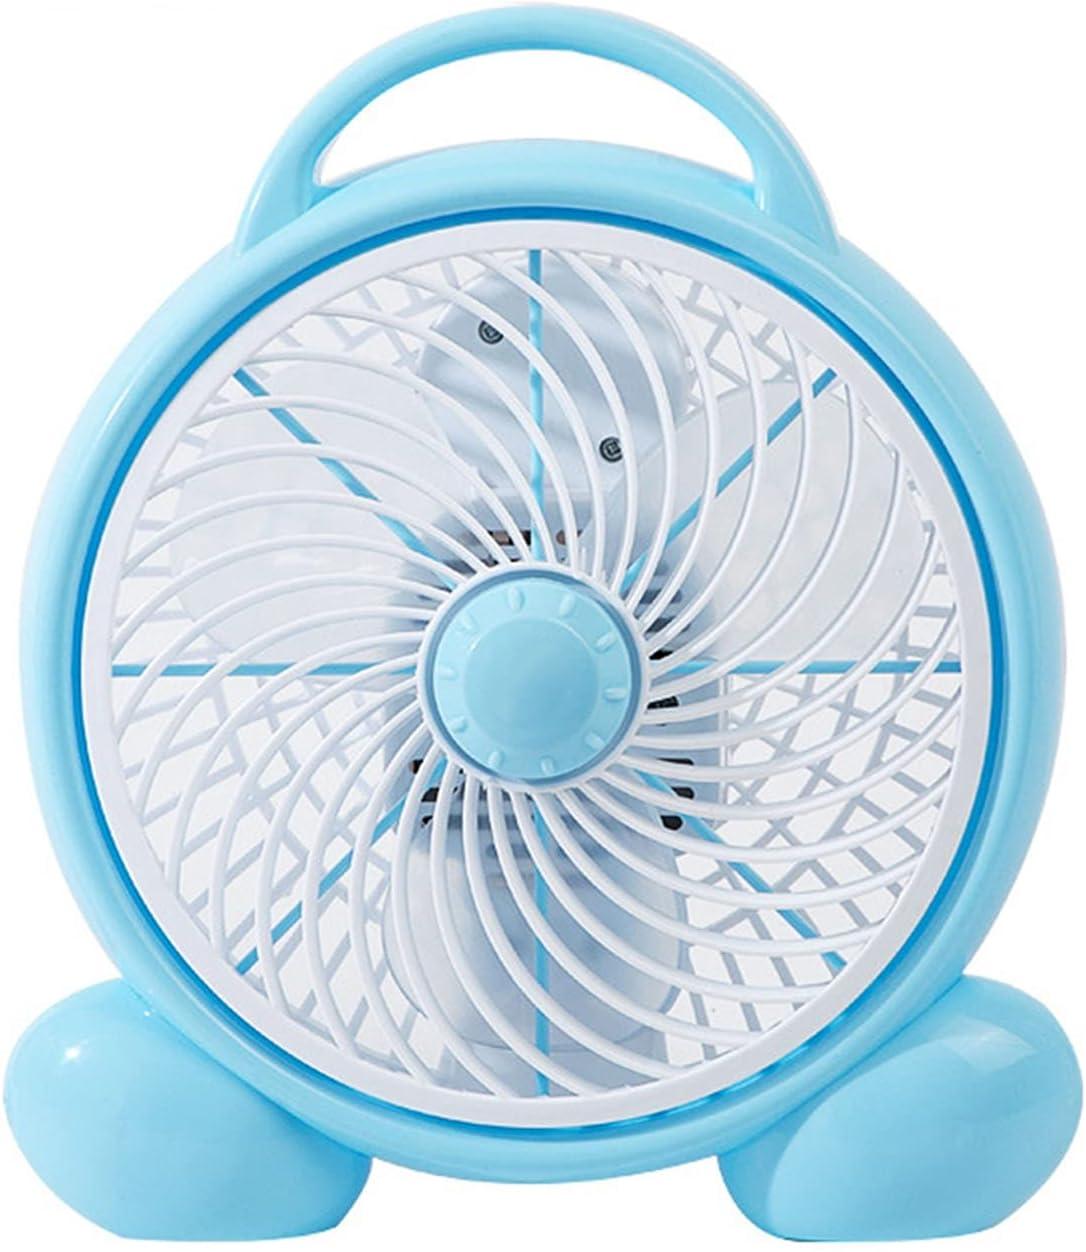 ShenMiDeTieChui Mesa de Ventilador de Escritorio Refrigerador de Aire Enfriador de Aire silencioso silencioso Eco 2 velocidades Ventilador silencioso para la Oficina en casa (Color : Blue)